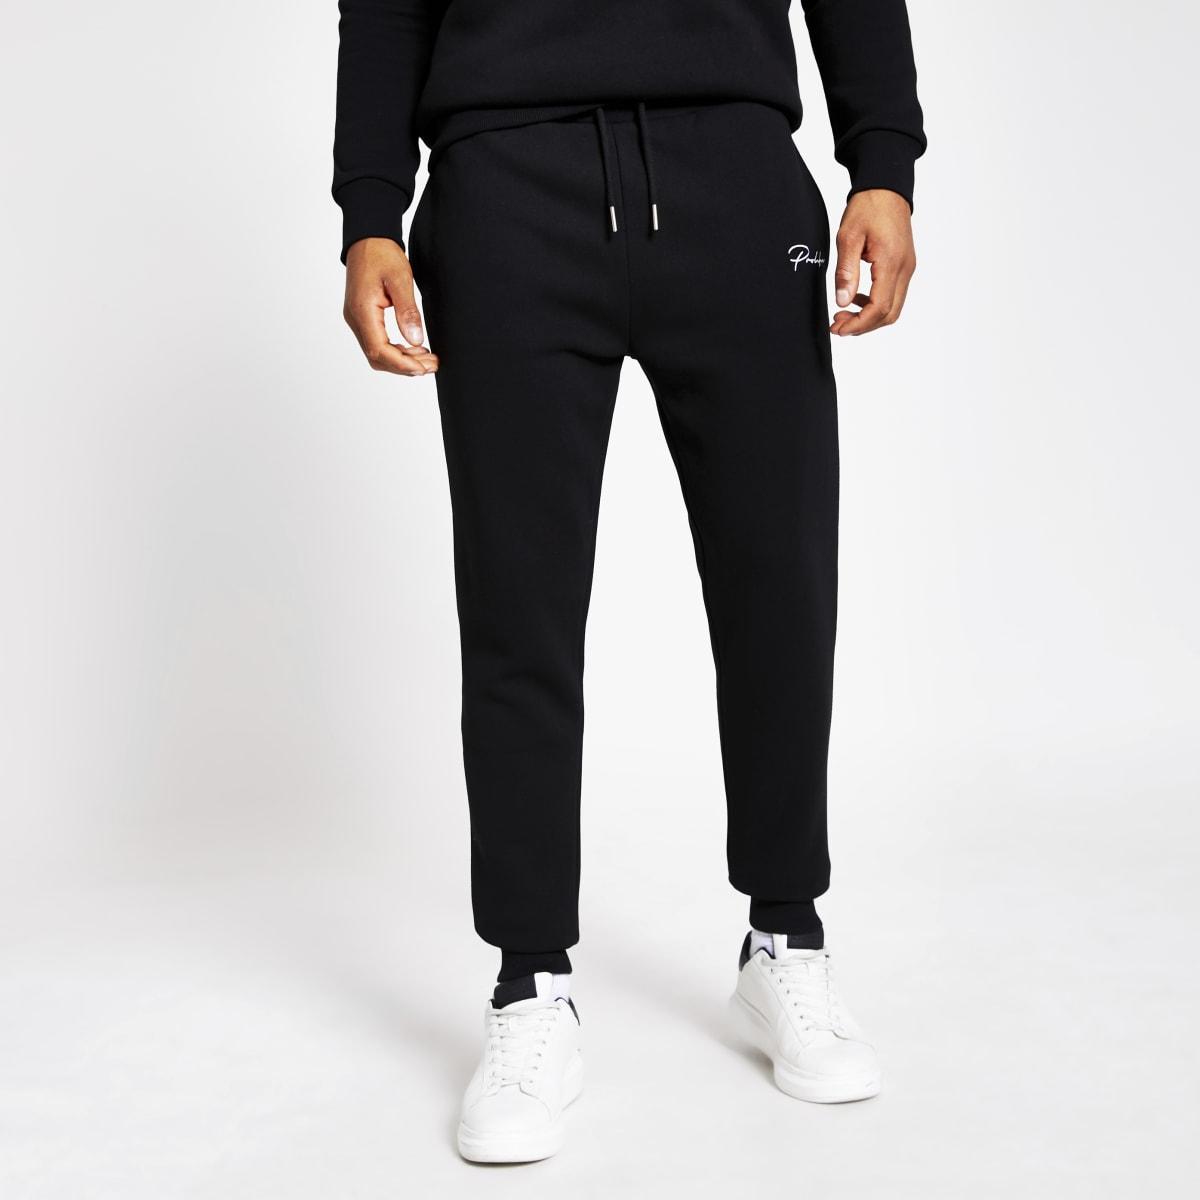 Prolific – Pantalons de jogging slim noir